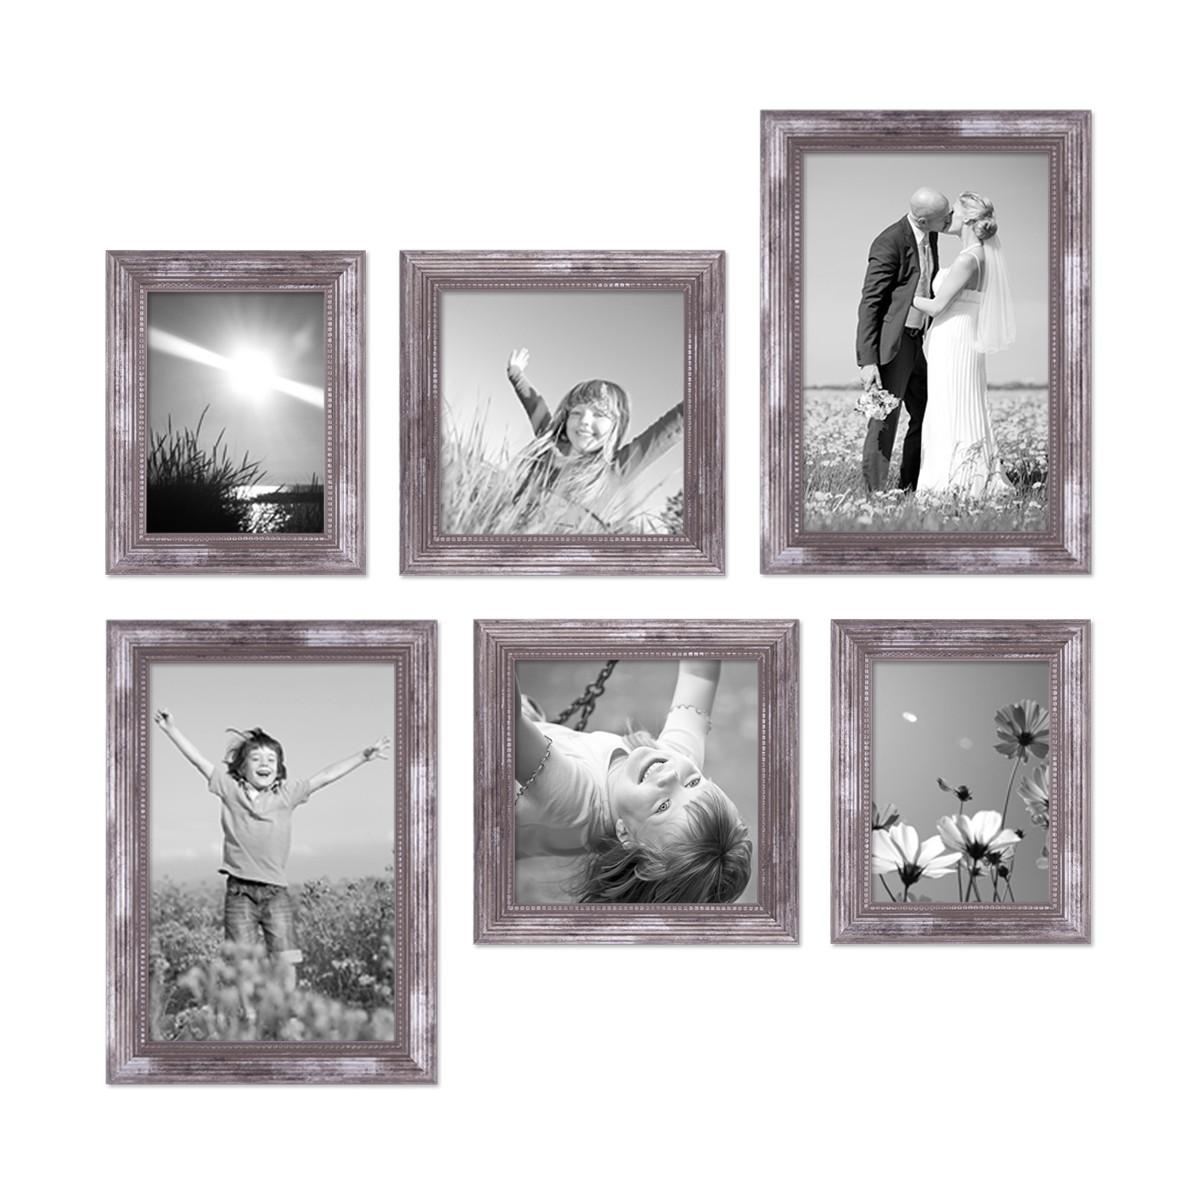 Fantastisch 20 X 30 Plakatrahmen Bilder - Benutzerdefinierte ...